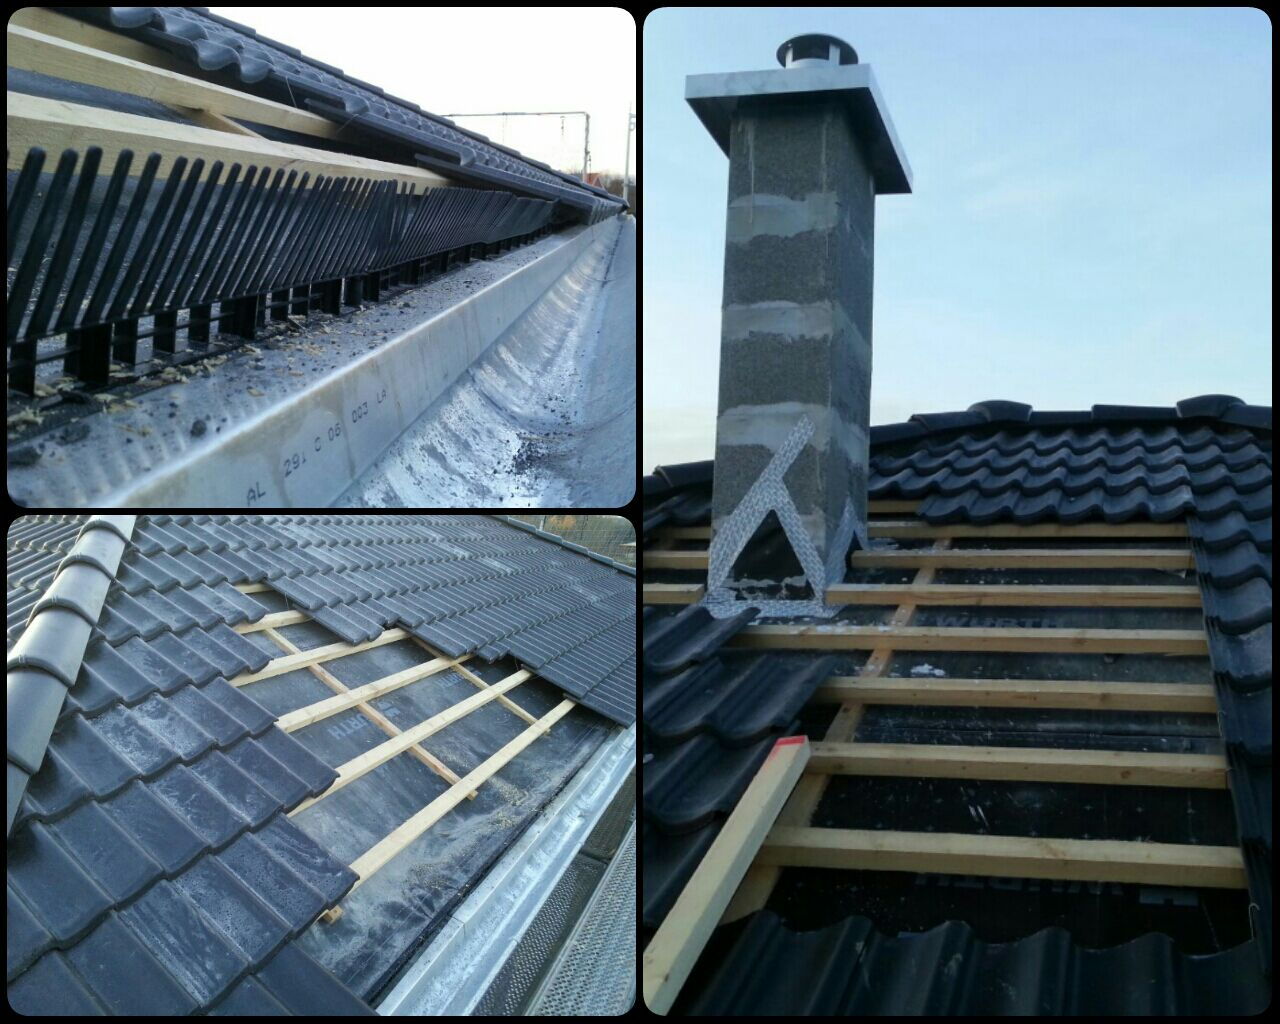 benny und janina bauen eine stadtvilla das dach deckt sich. Black Bedroom Furniture Sets. Home Design Ideas